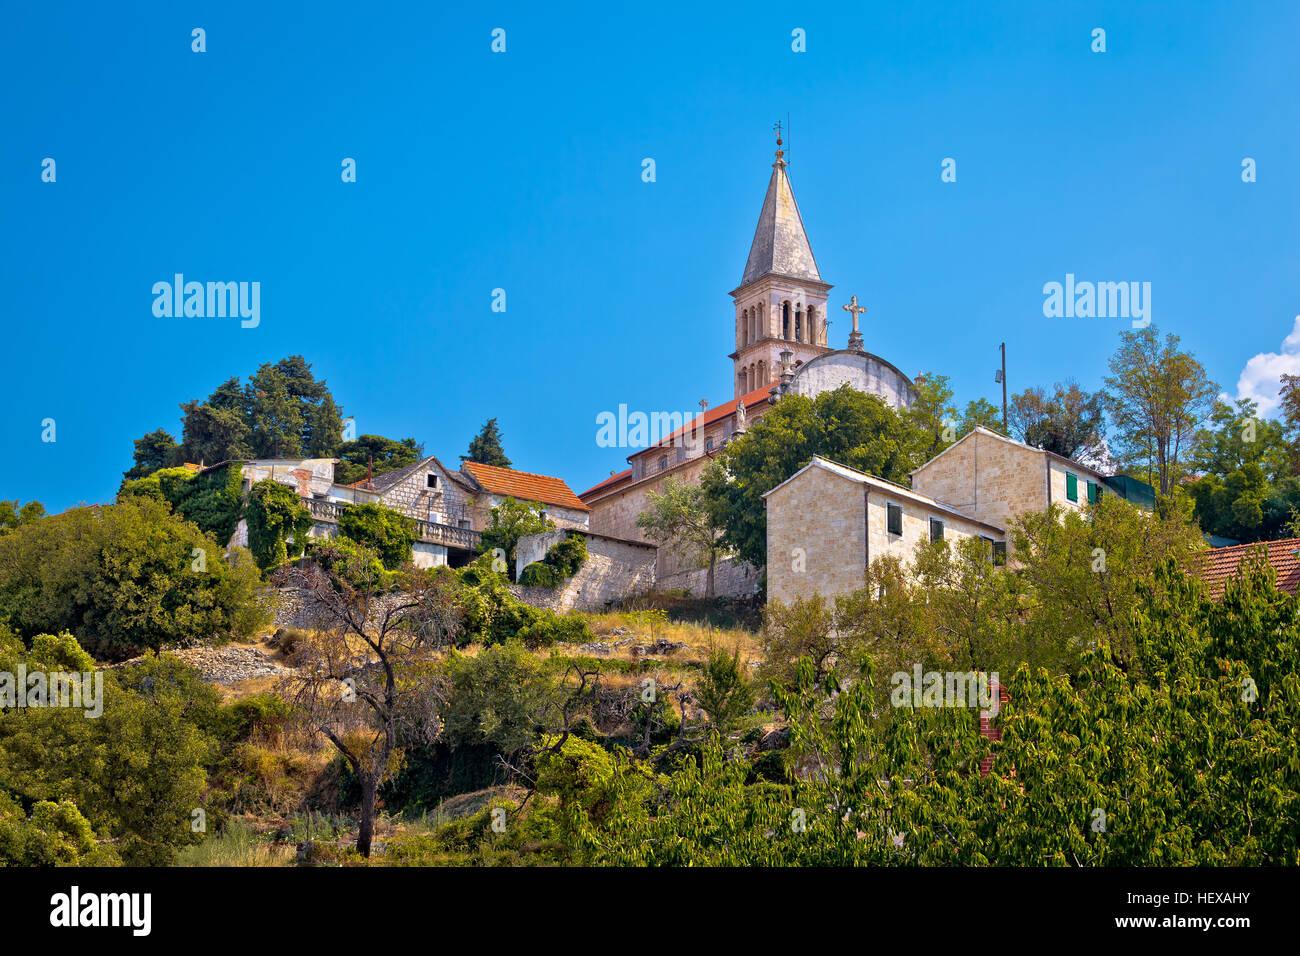 Nerezisca attrazioni del Villaggio sull'isola di Brac, Dalmazia, Croazia Immagini Stock